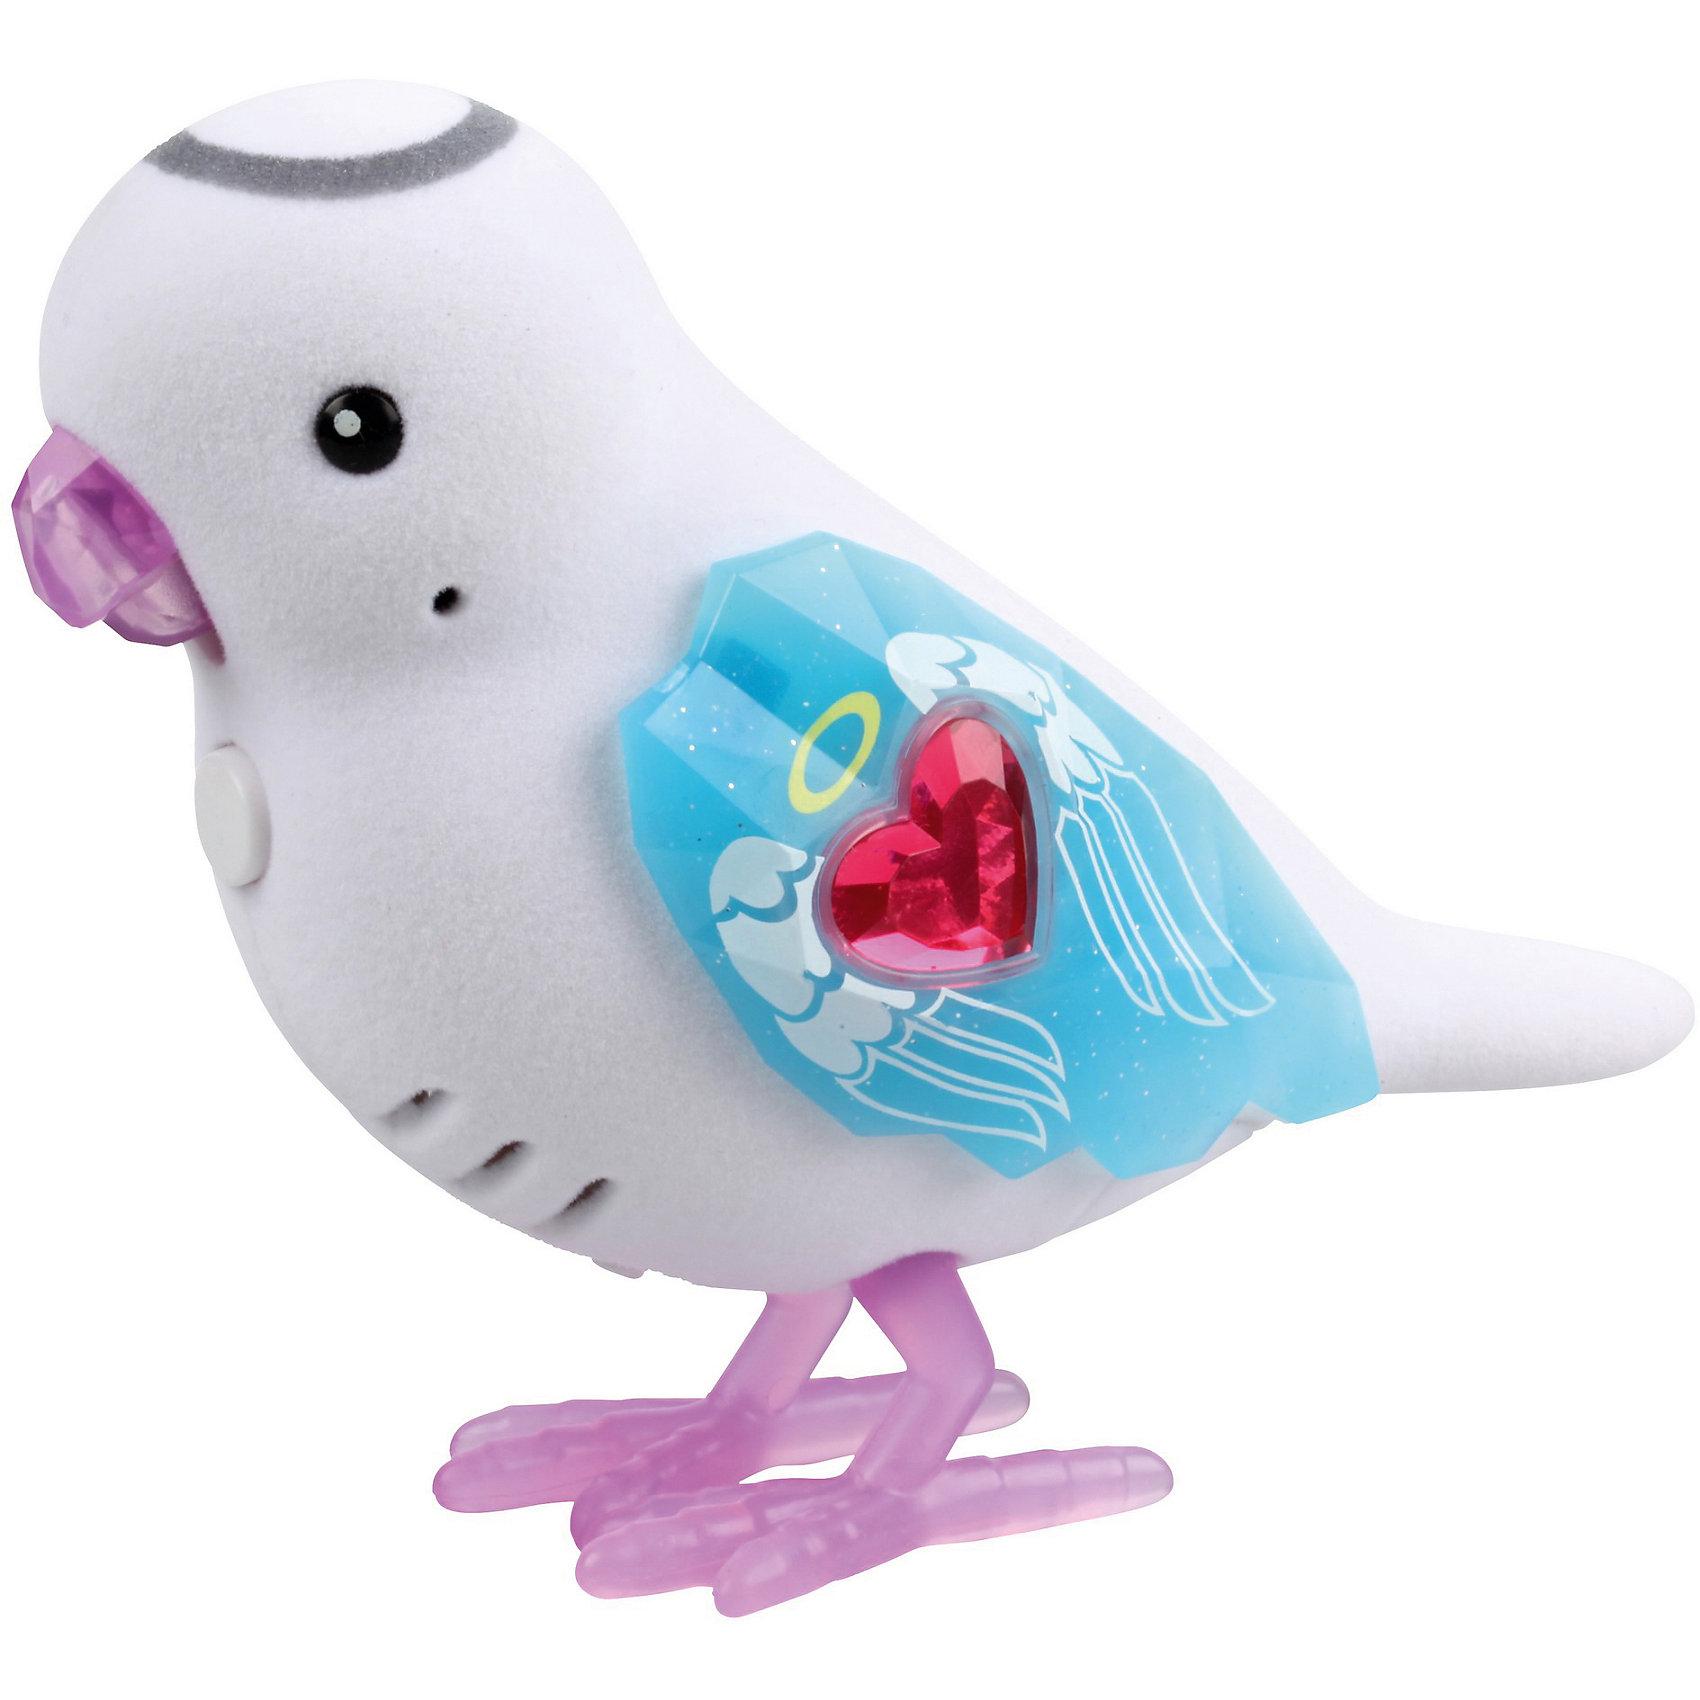 Интерактивная птичка Angel Alice, Little Live Pets, MooseИнтерактивные животные<br>Характеристики товара:<br><br>• возраст от 5 лет;<br>• материал: пластик;<br>• работает от 2 батареек ААА (в комплект не входят);<br>• размер упаковки 22х14х5,5 см;<br>• вес упаковки 140 гр.;<br>• страна производитель: Китай.<br><br>Интерактивная птичка «Angel Alice» Little Live Pets Moоse — необычная птичка, которая умеет петь, двигать клювом и реагирует на поглаживания. У птички фиолетовые лапки и клюв, оригинальные голубые крылышки с камушком и узорами. Если нажать на кнопку на груди птички, она запоет. <br><br>Интерактивную птичку «Angel Alice» Little Live Pets Moоse можно приобрести в нашем интернет-магазине.<br><br>Ширина мм: 55<br>Глубина мм: 140<br>Высота мм: 220<br>Вес г: 140<br>Возраст от месяцев: 60<br>Возраст до месяцев: 2147483647<br>Пол: Унисекс<br>Возраст: Детский<br>SKU: 5611998